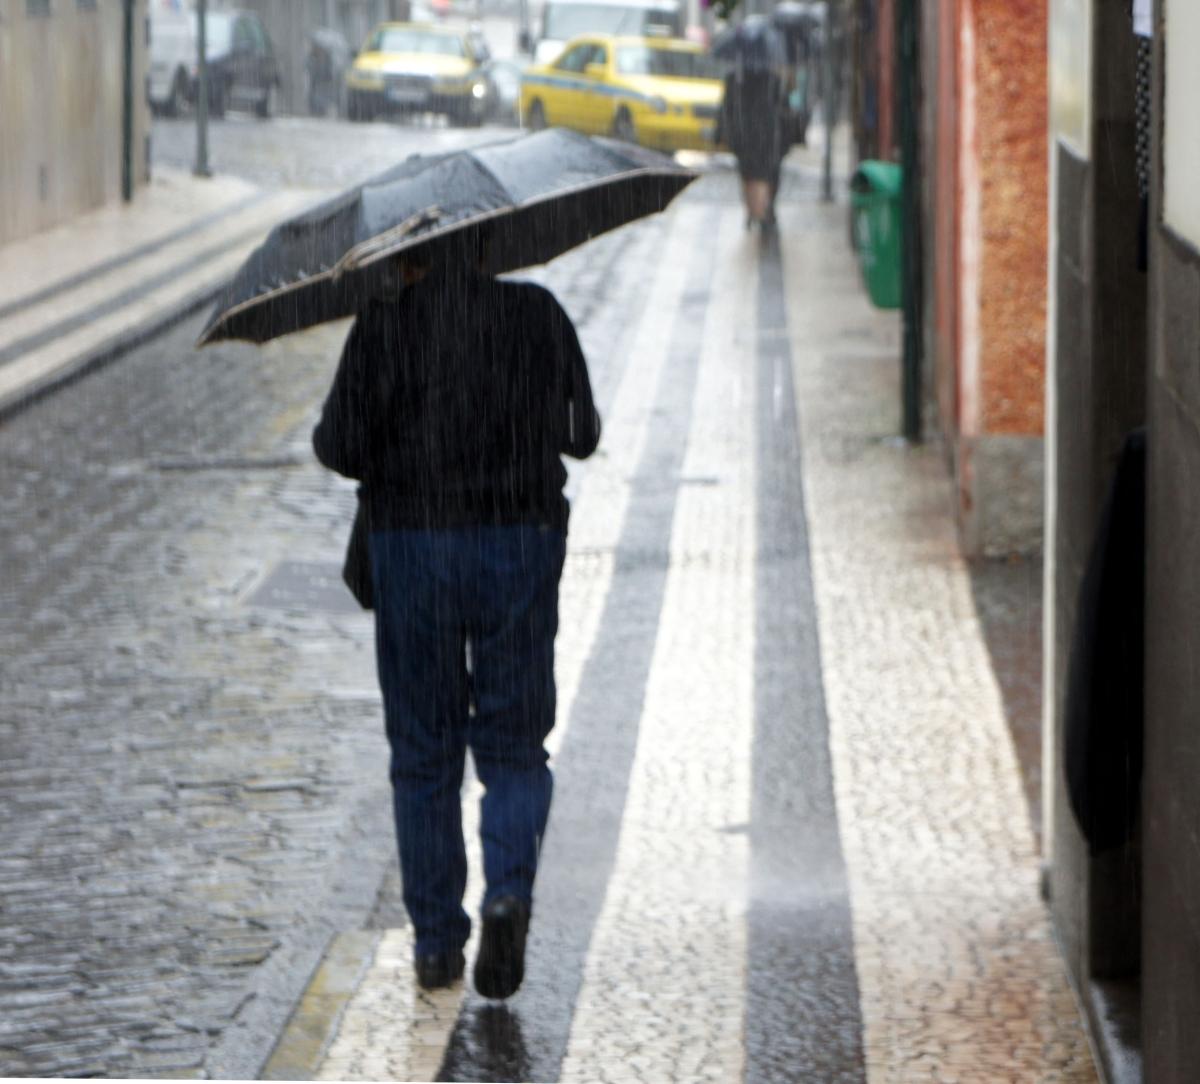 Madeira deverá ser atingida por fortes valores de pluviosidade a partir de domingo, com maior incidência na terça-feira